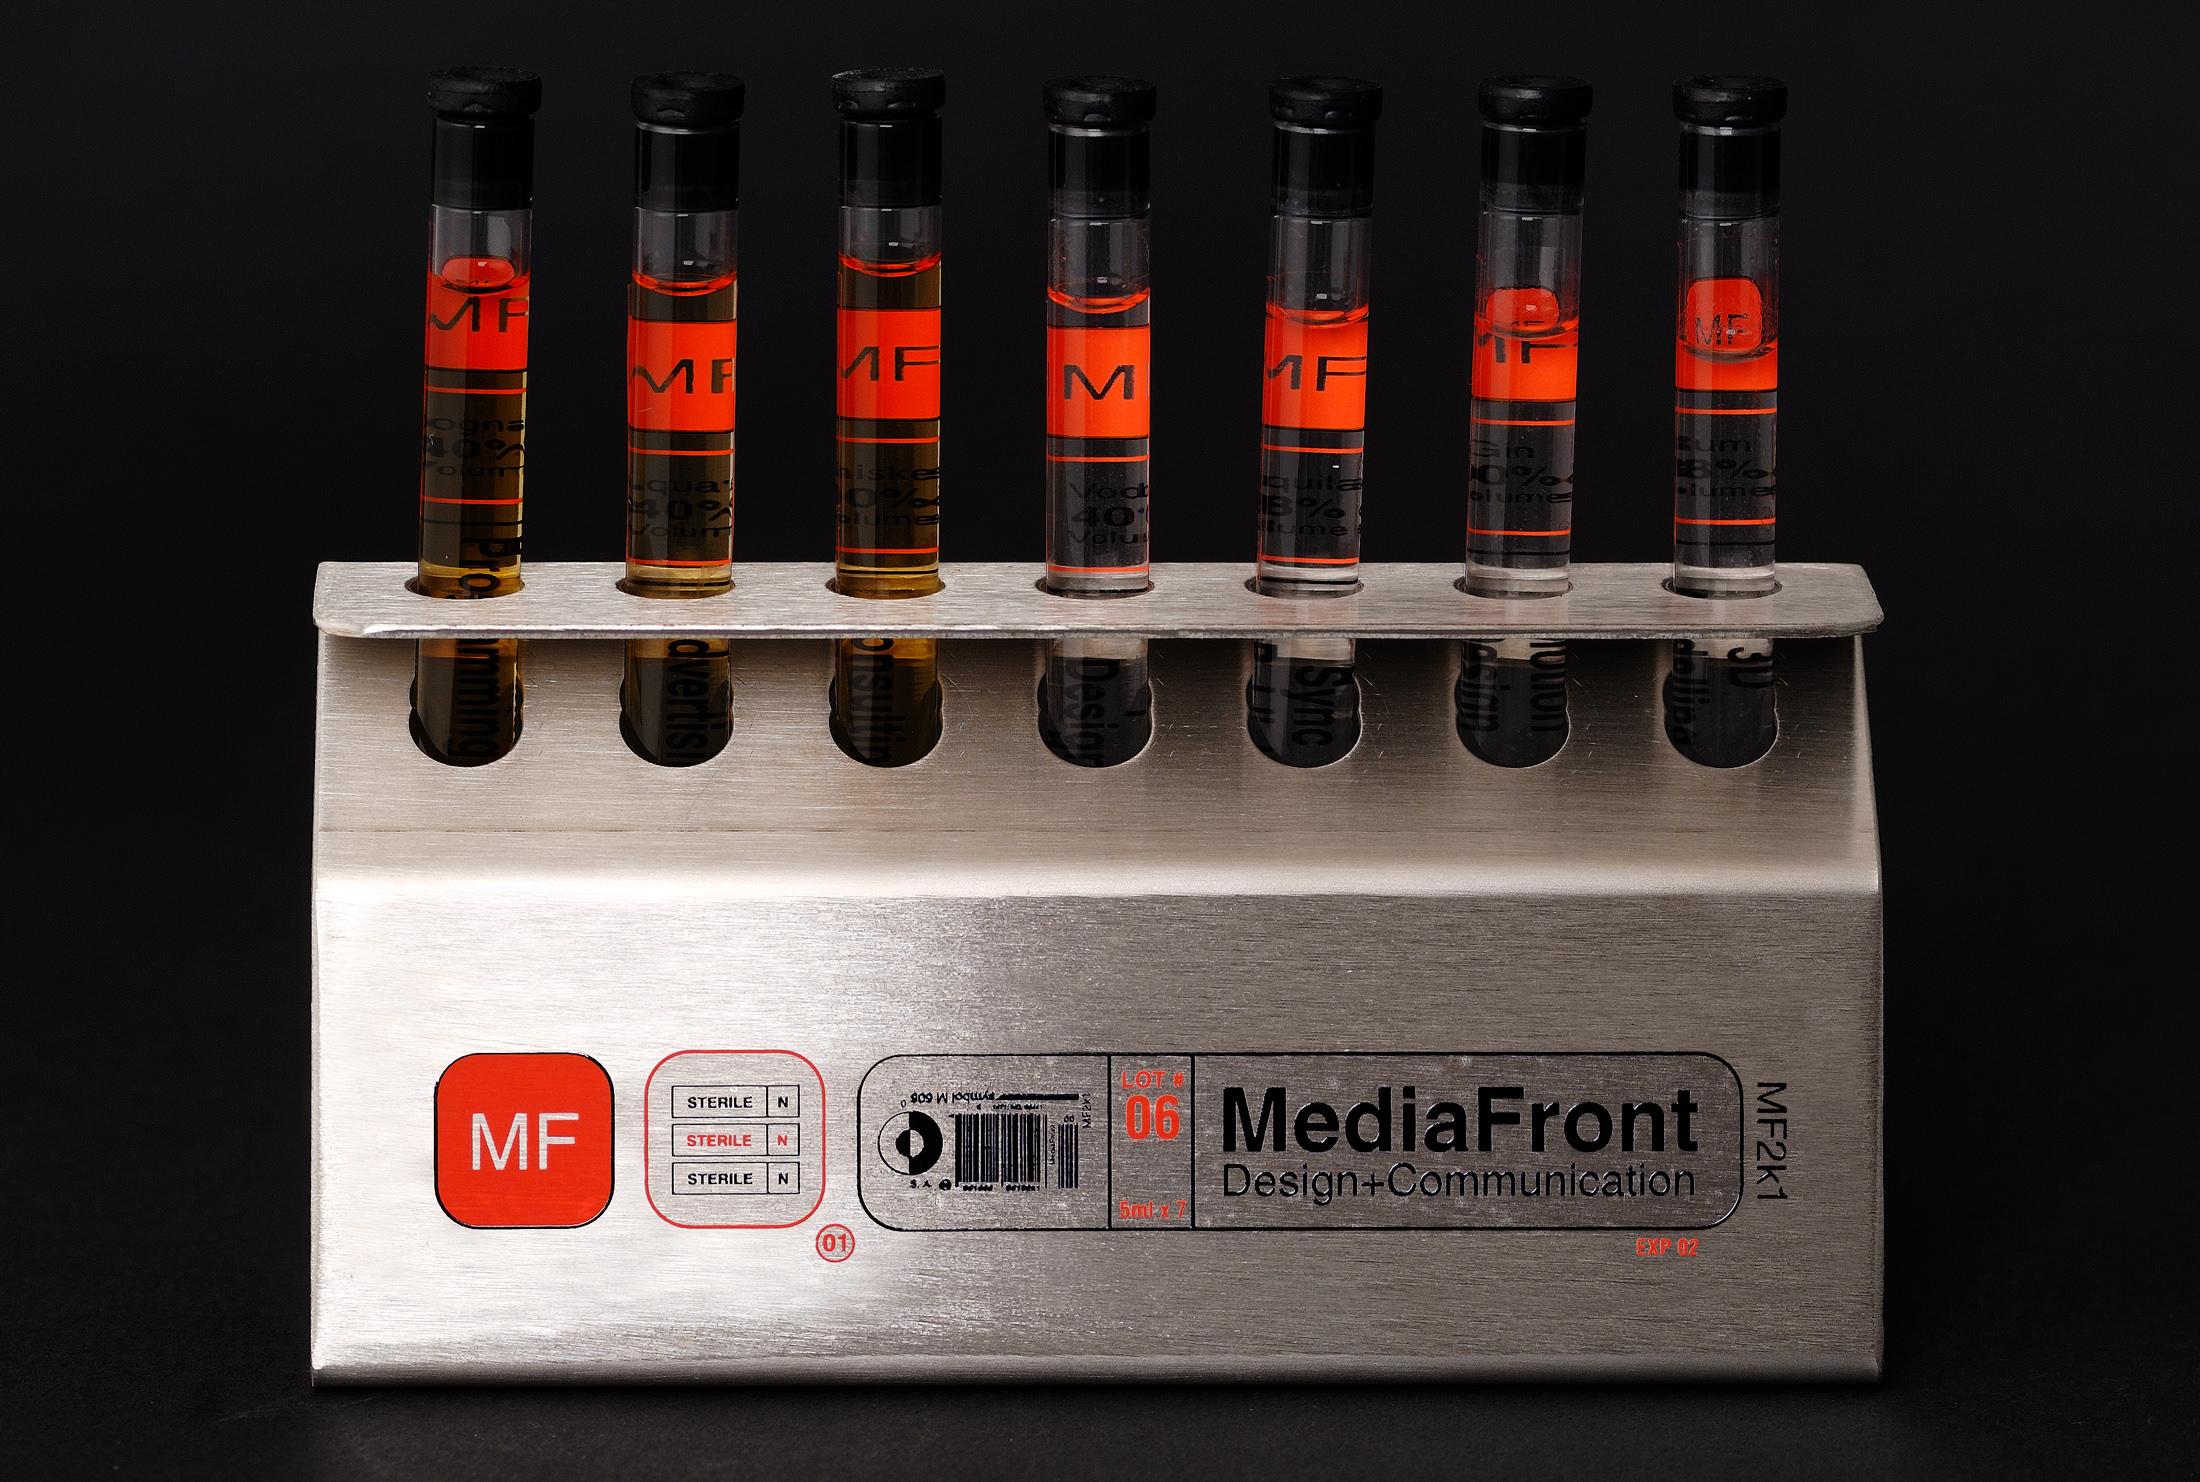 MediaFront Branding